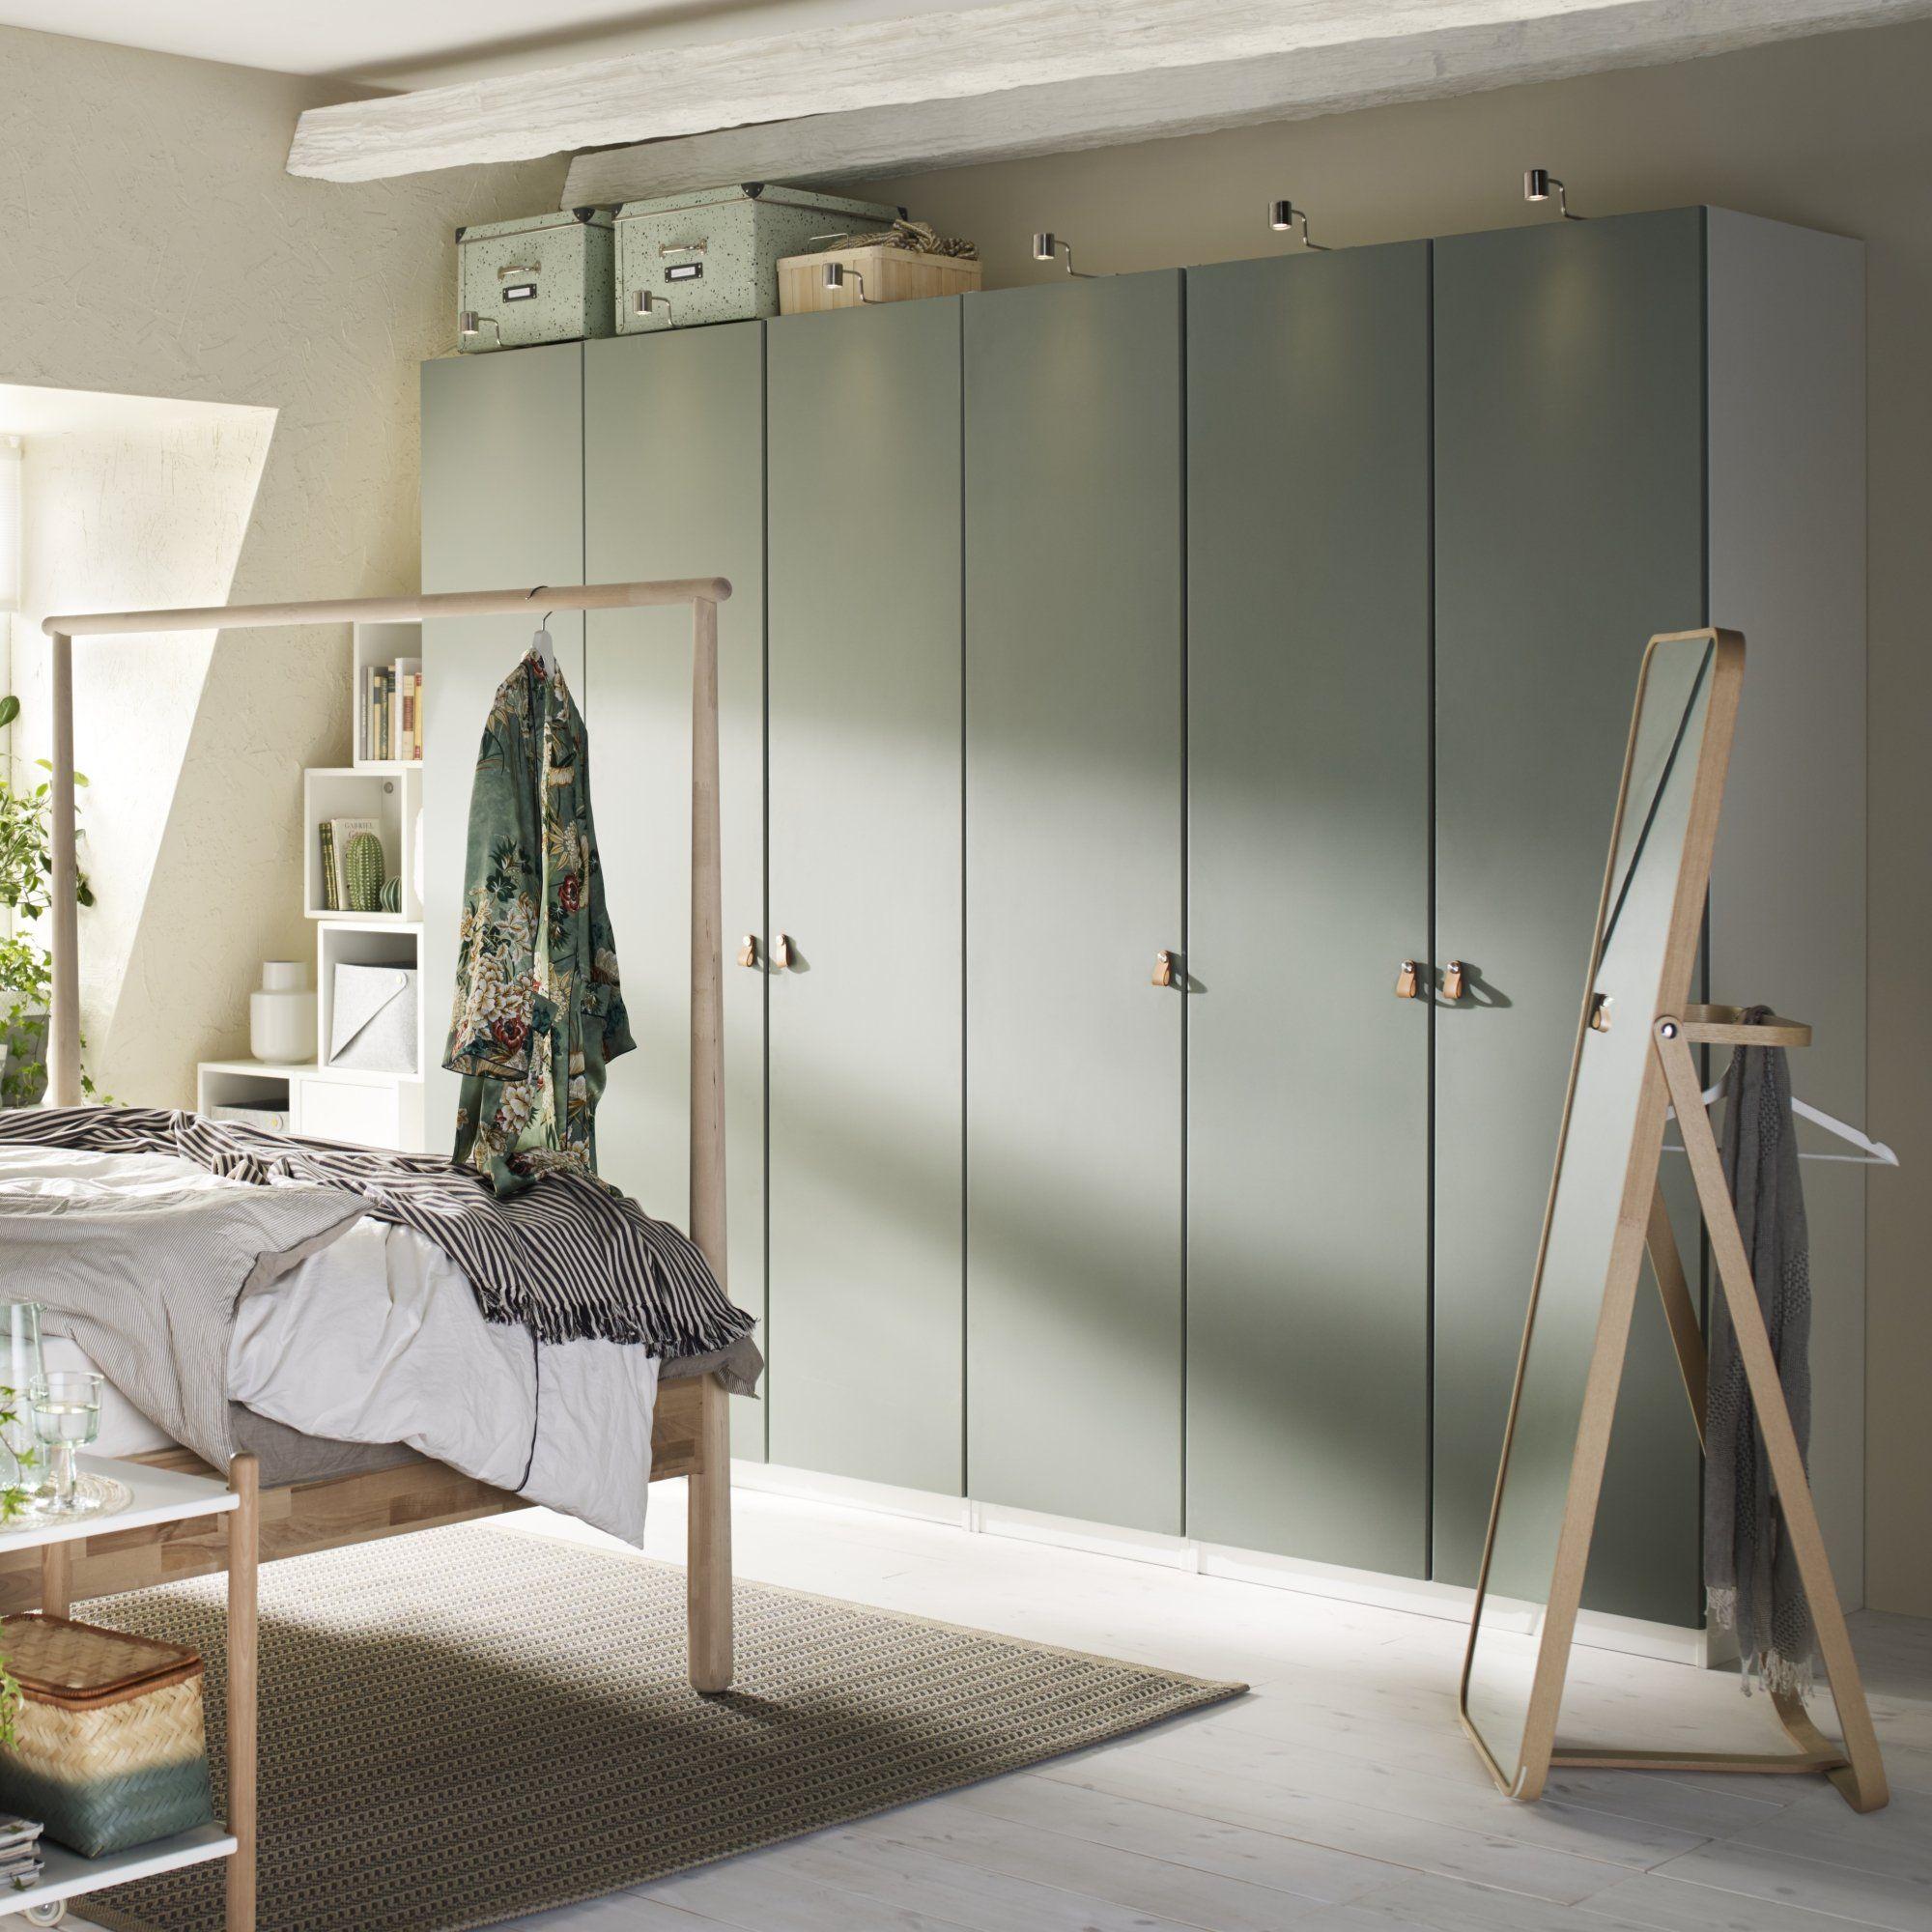 Catalogue Armoires Et Dressings Ikea 2019 Rangements Pratiques Amenagement Dressing Ikea Ikea Armoire